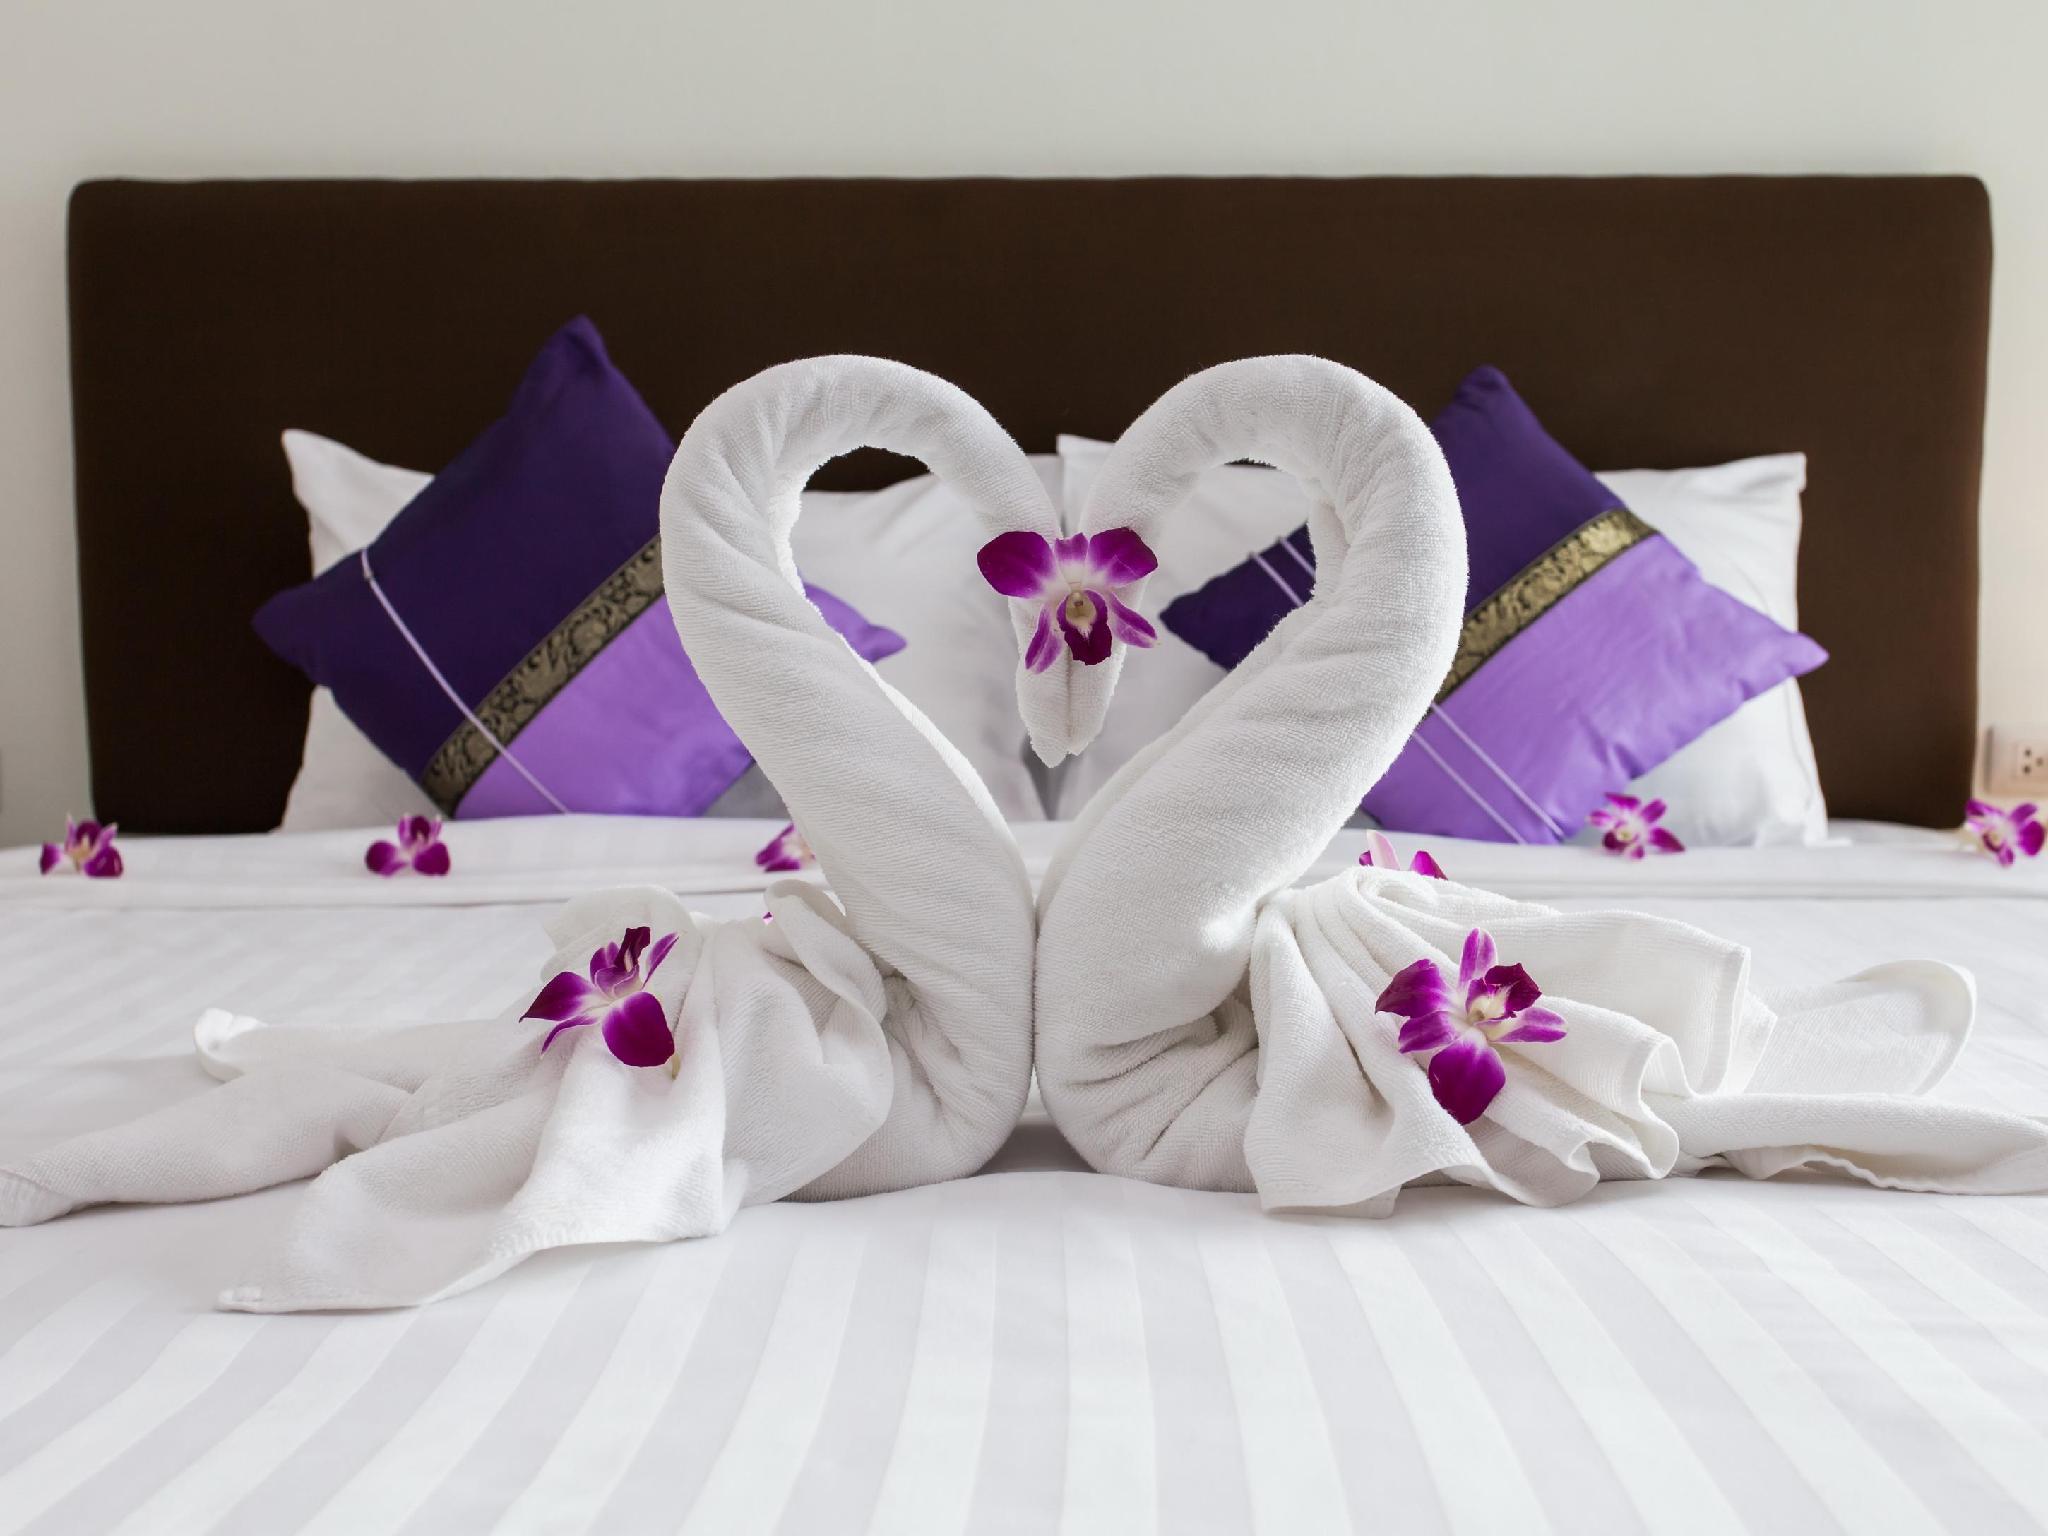 Hotell Mochic Budget Hotel - Nanai Road Branch i Patong, Phuket. Klicka för att läsa mer och skicka bokningsförfrågan